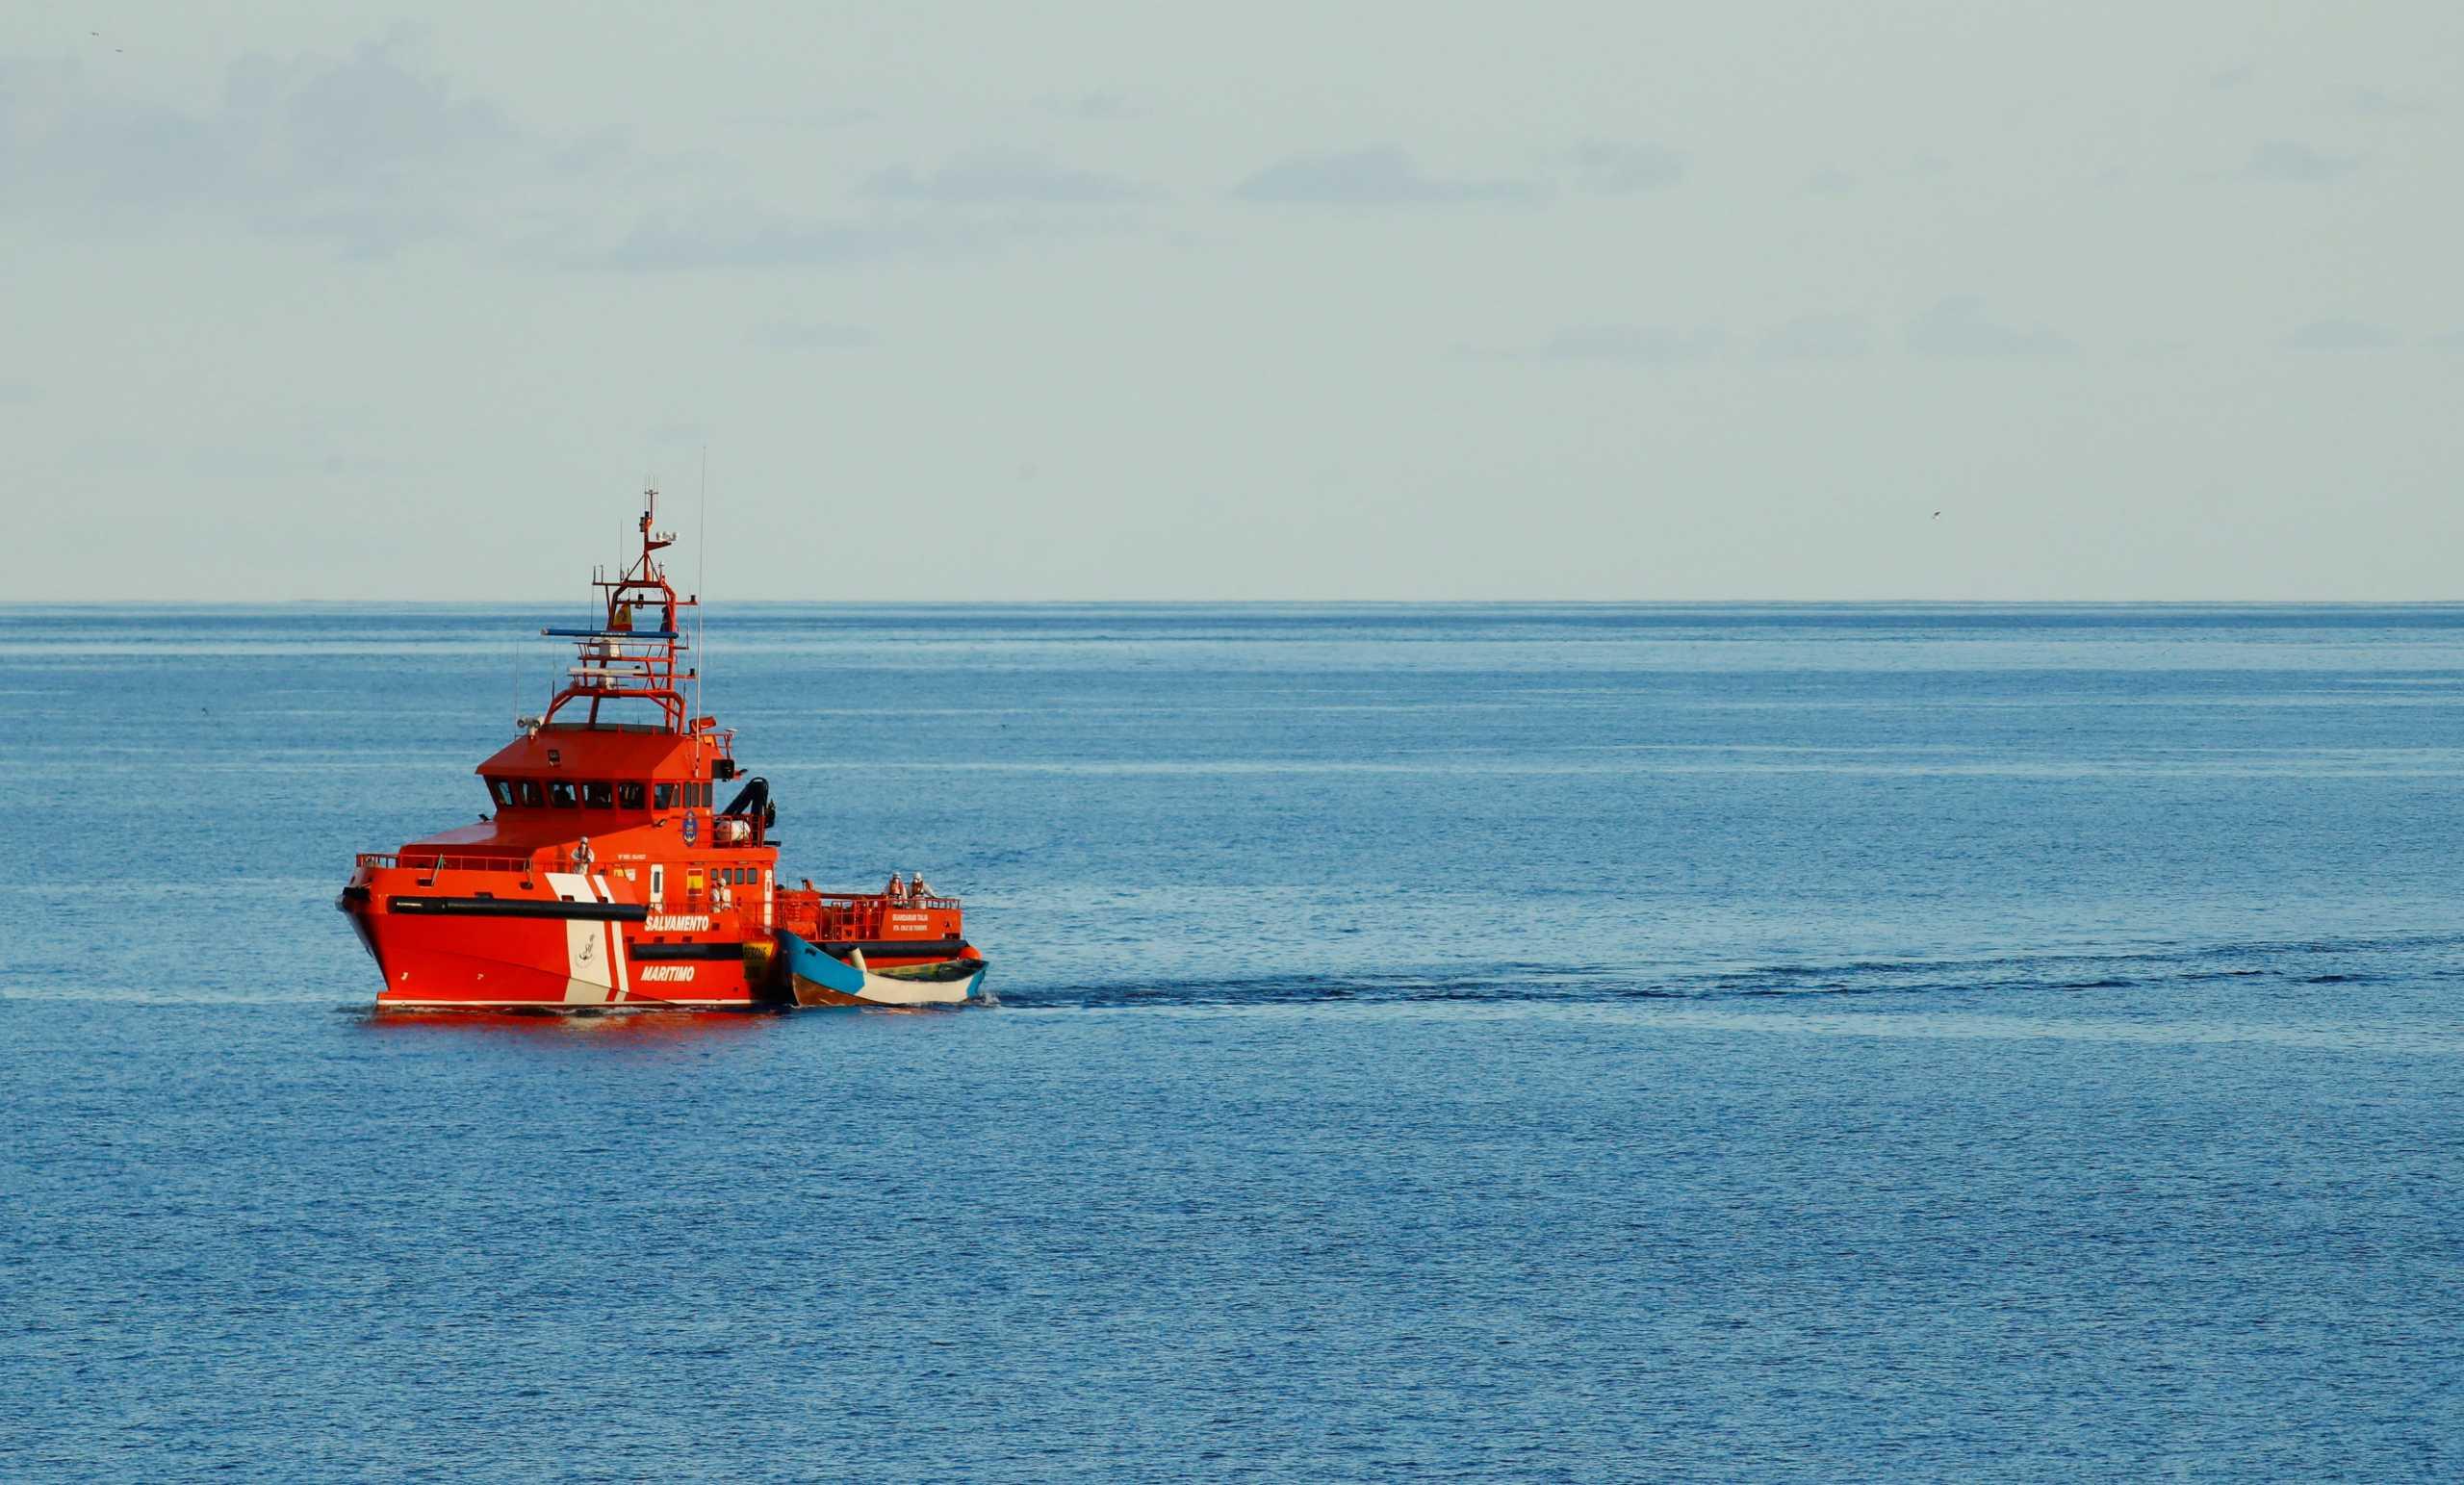 Λιβερία: Ναυάγιο πλοίου που είχε κριθεί ακατάλληλο – Τουλάχιστον 15 αγνοούμενοι